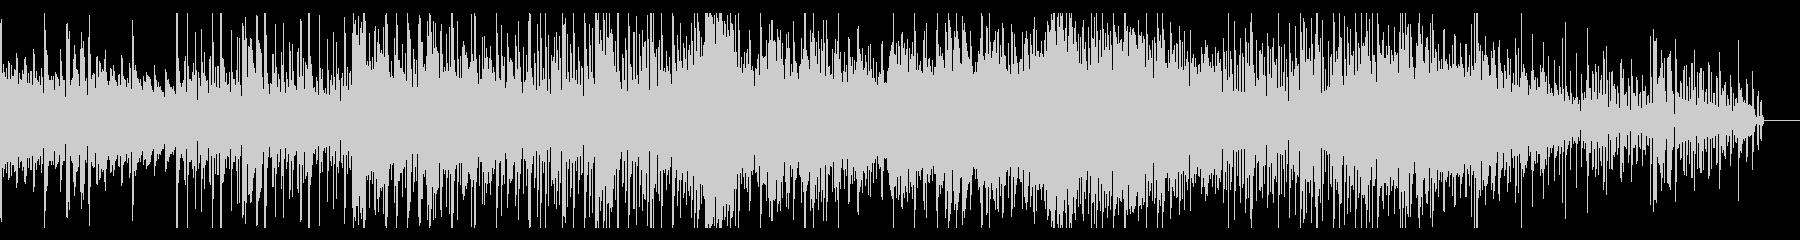 デジタルでホラーなシネマティックBGMの未再生の波形